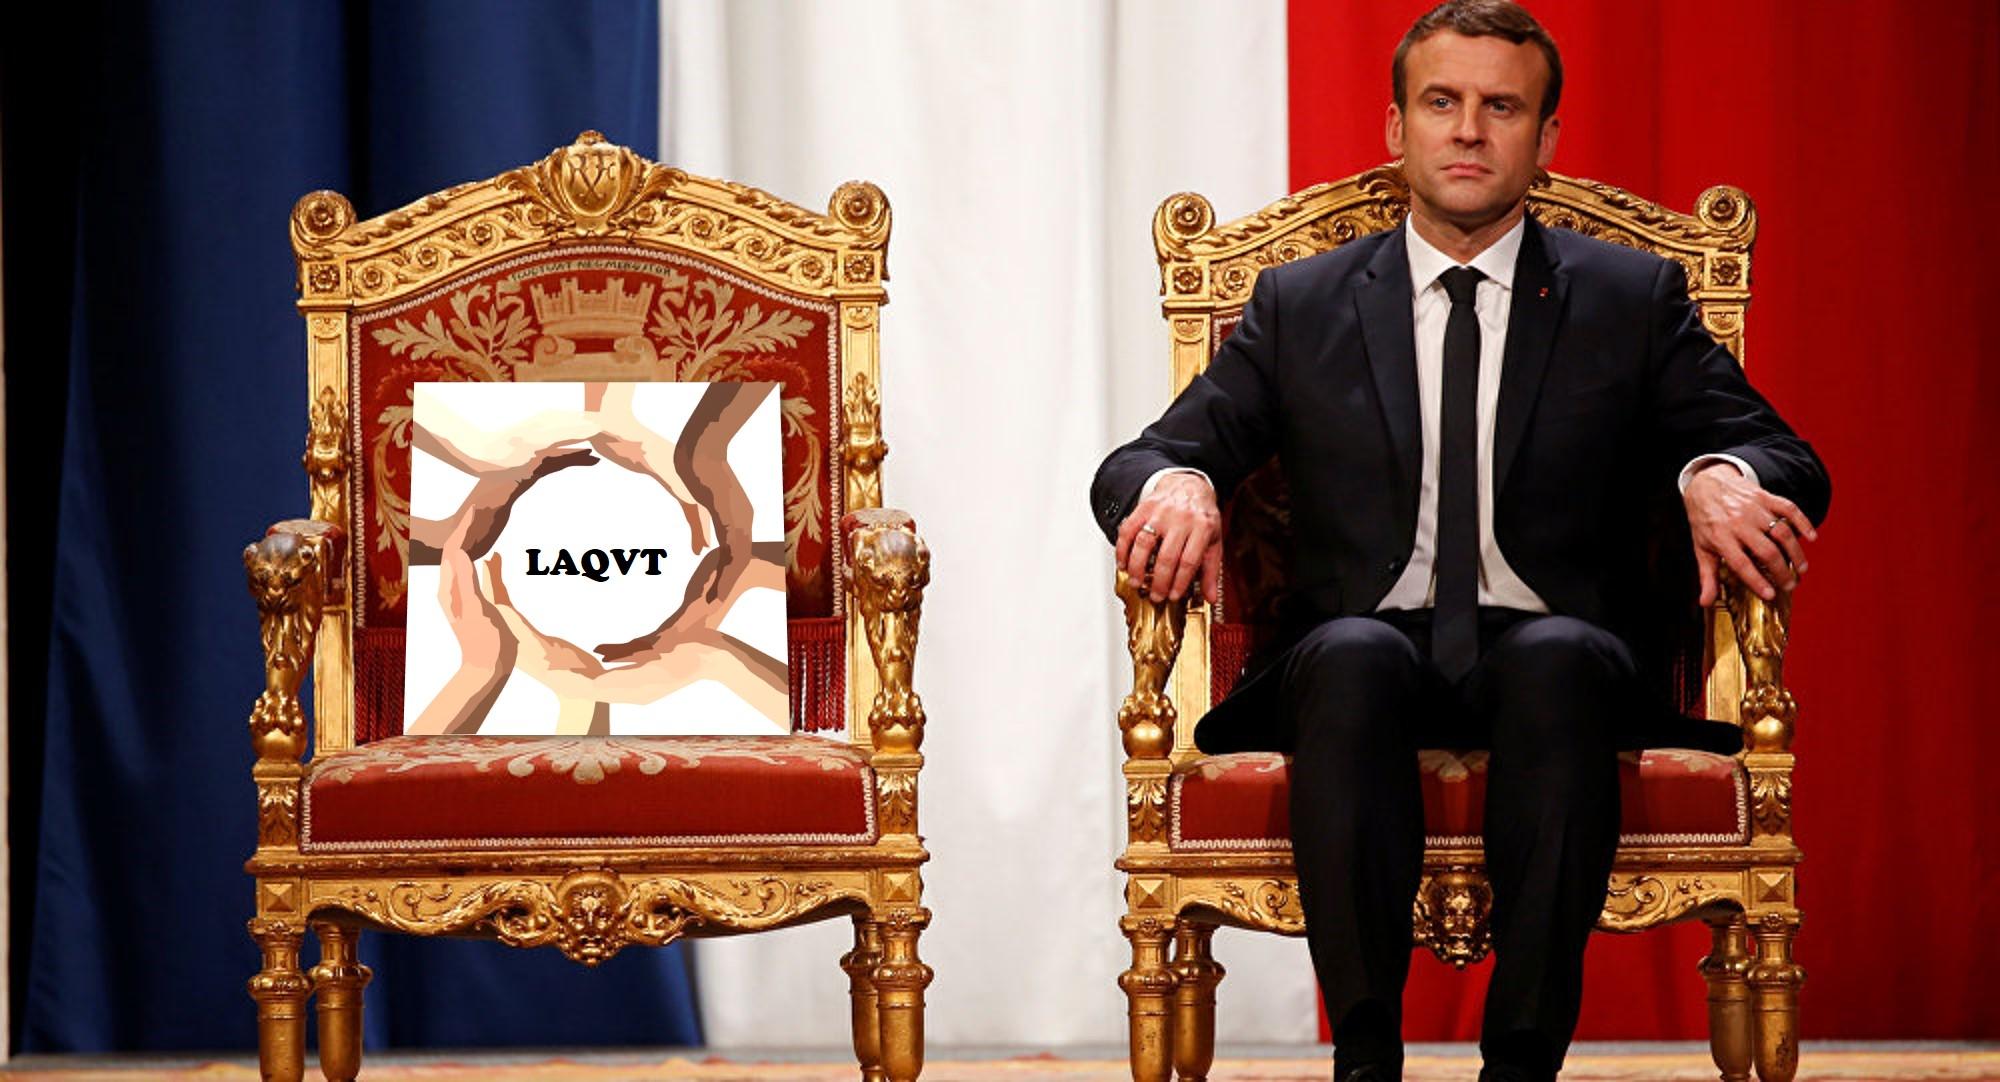 Novéquilibres : Un grand débat national sur la QVT - laqvt.fr QVT Qualité de Vie au Travail